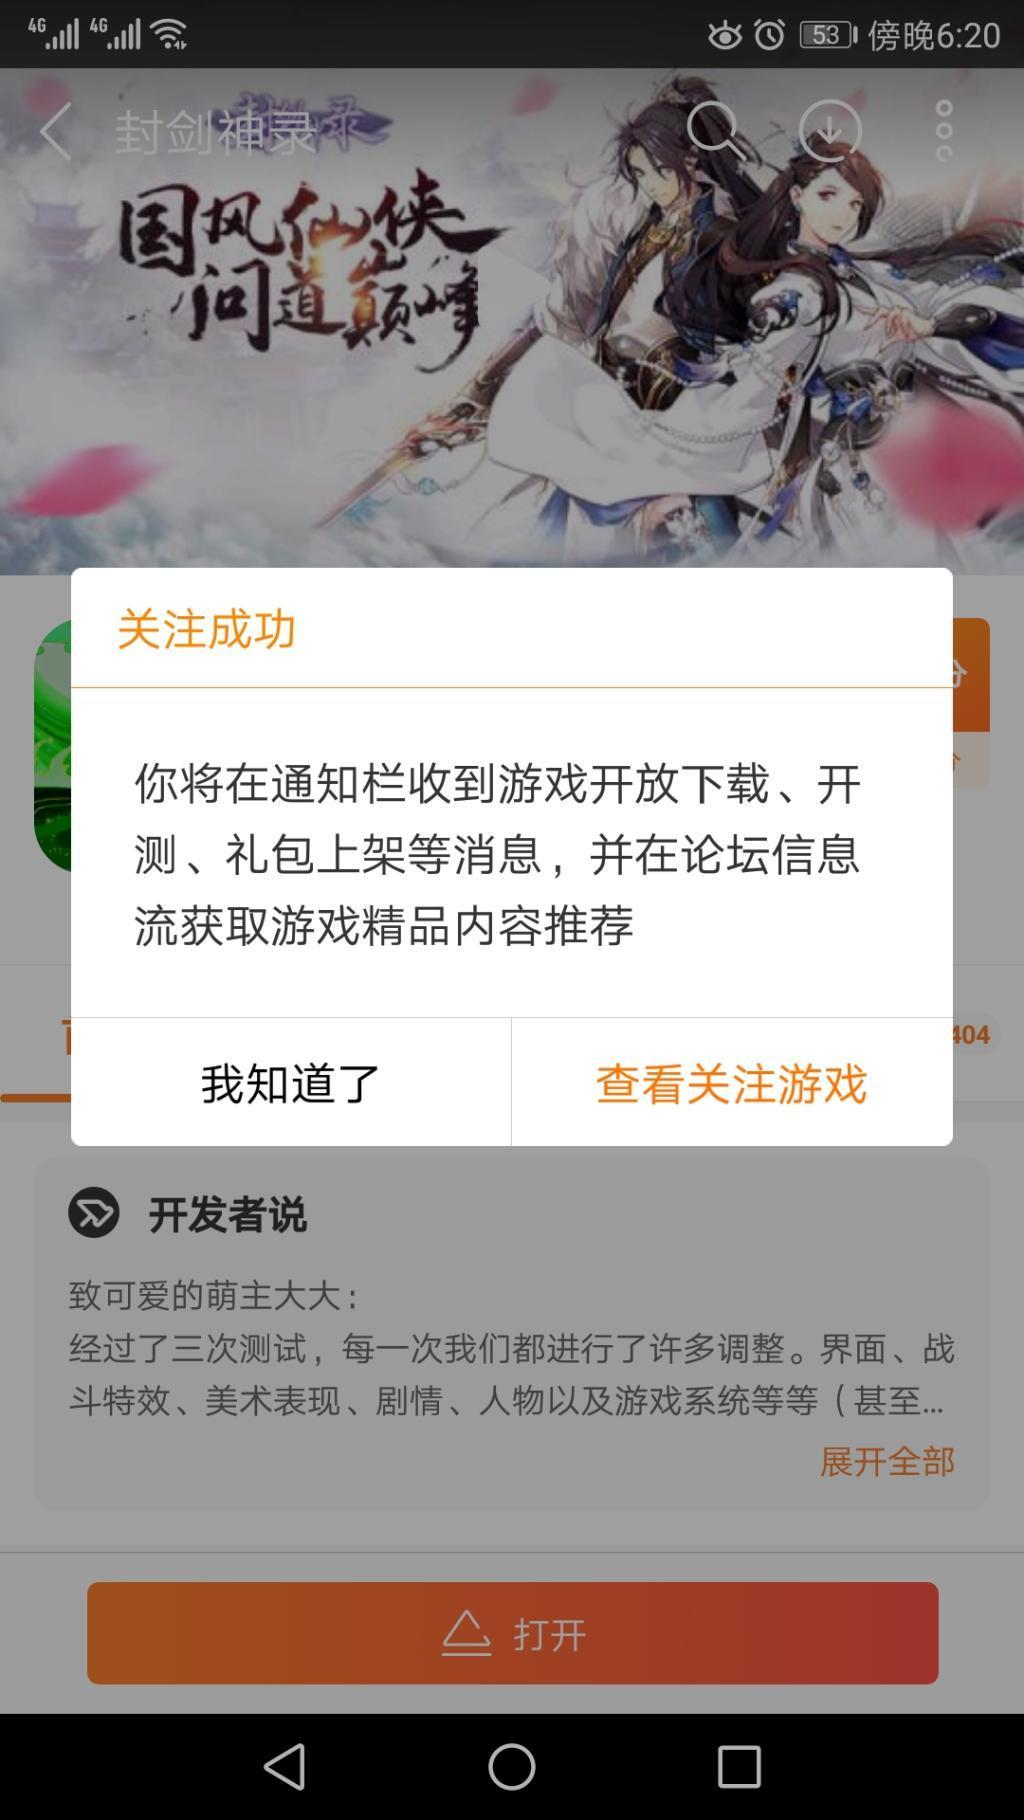 Screenshot_20190904s182031.jpg